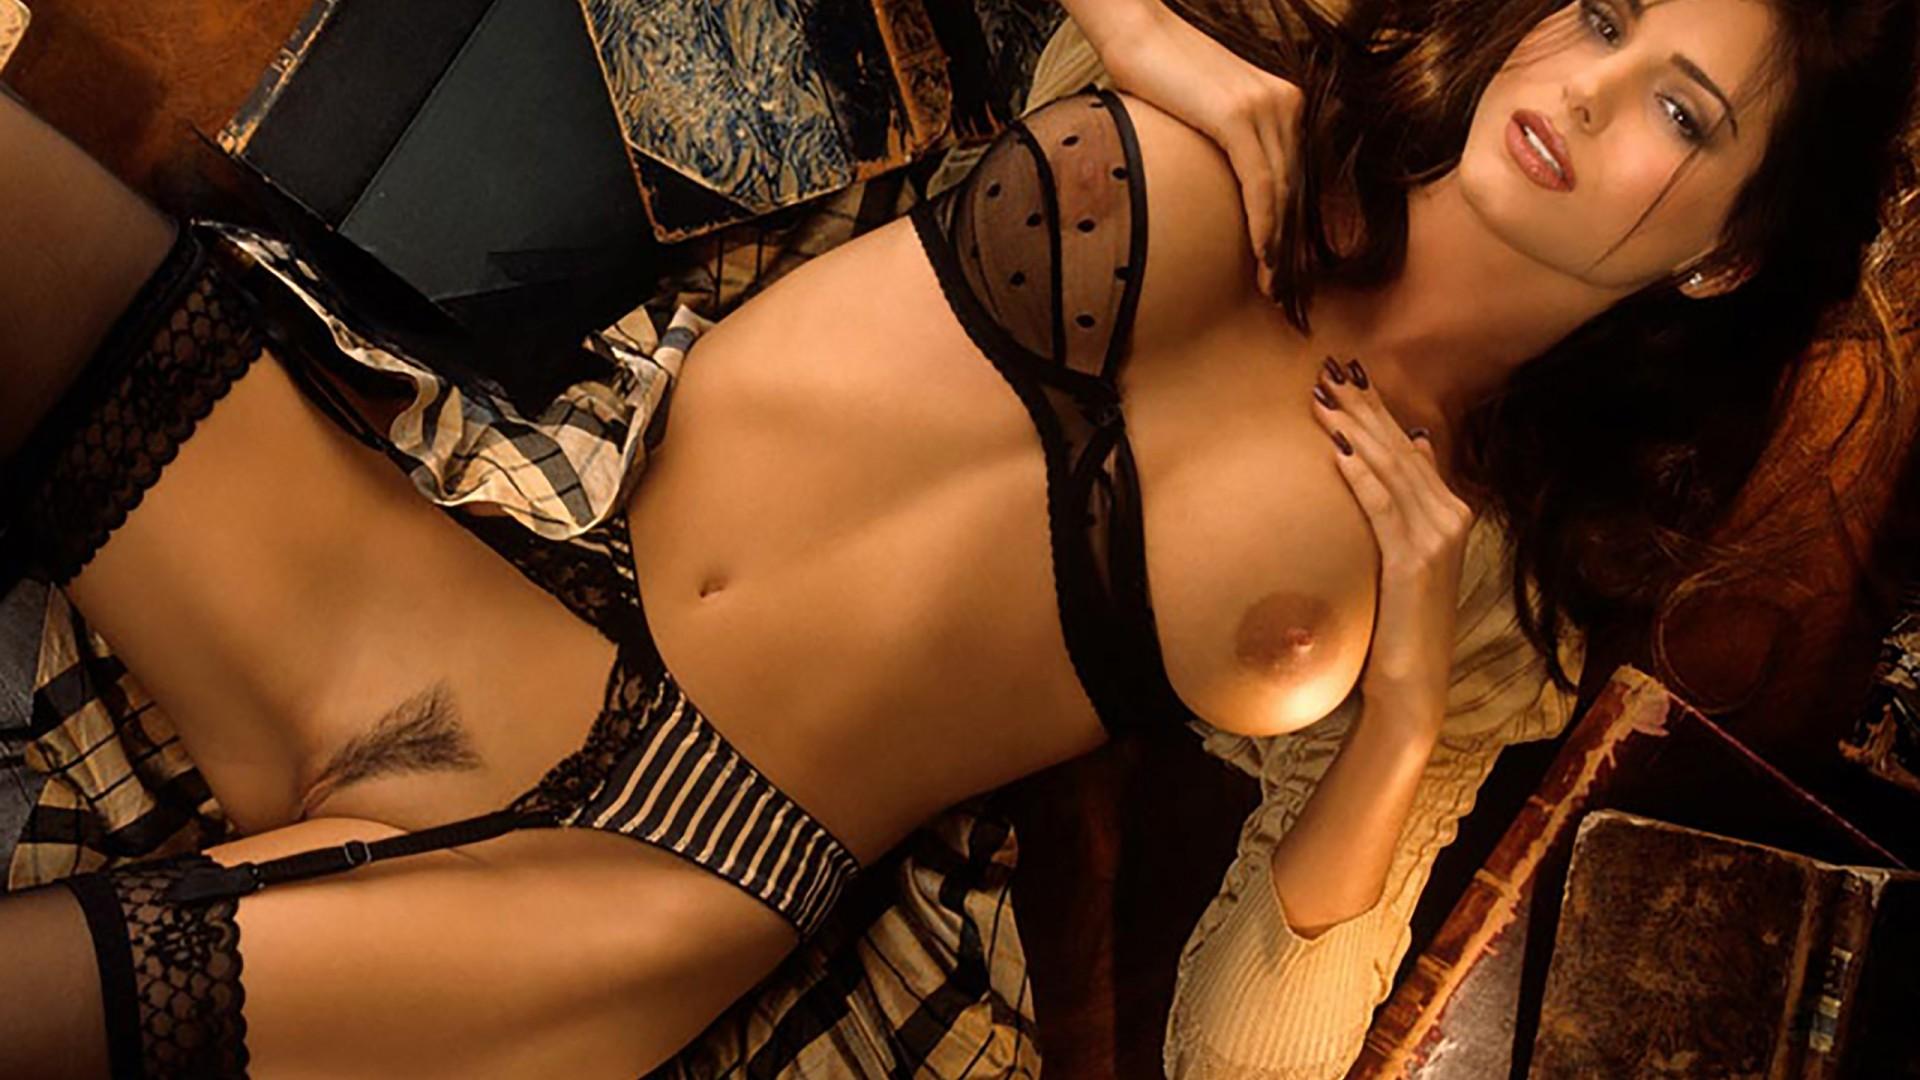 в нижнем белье зарубежное порно онлайн в hd качестве бесплатно